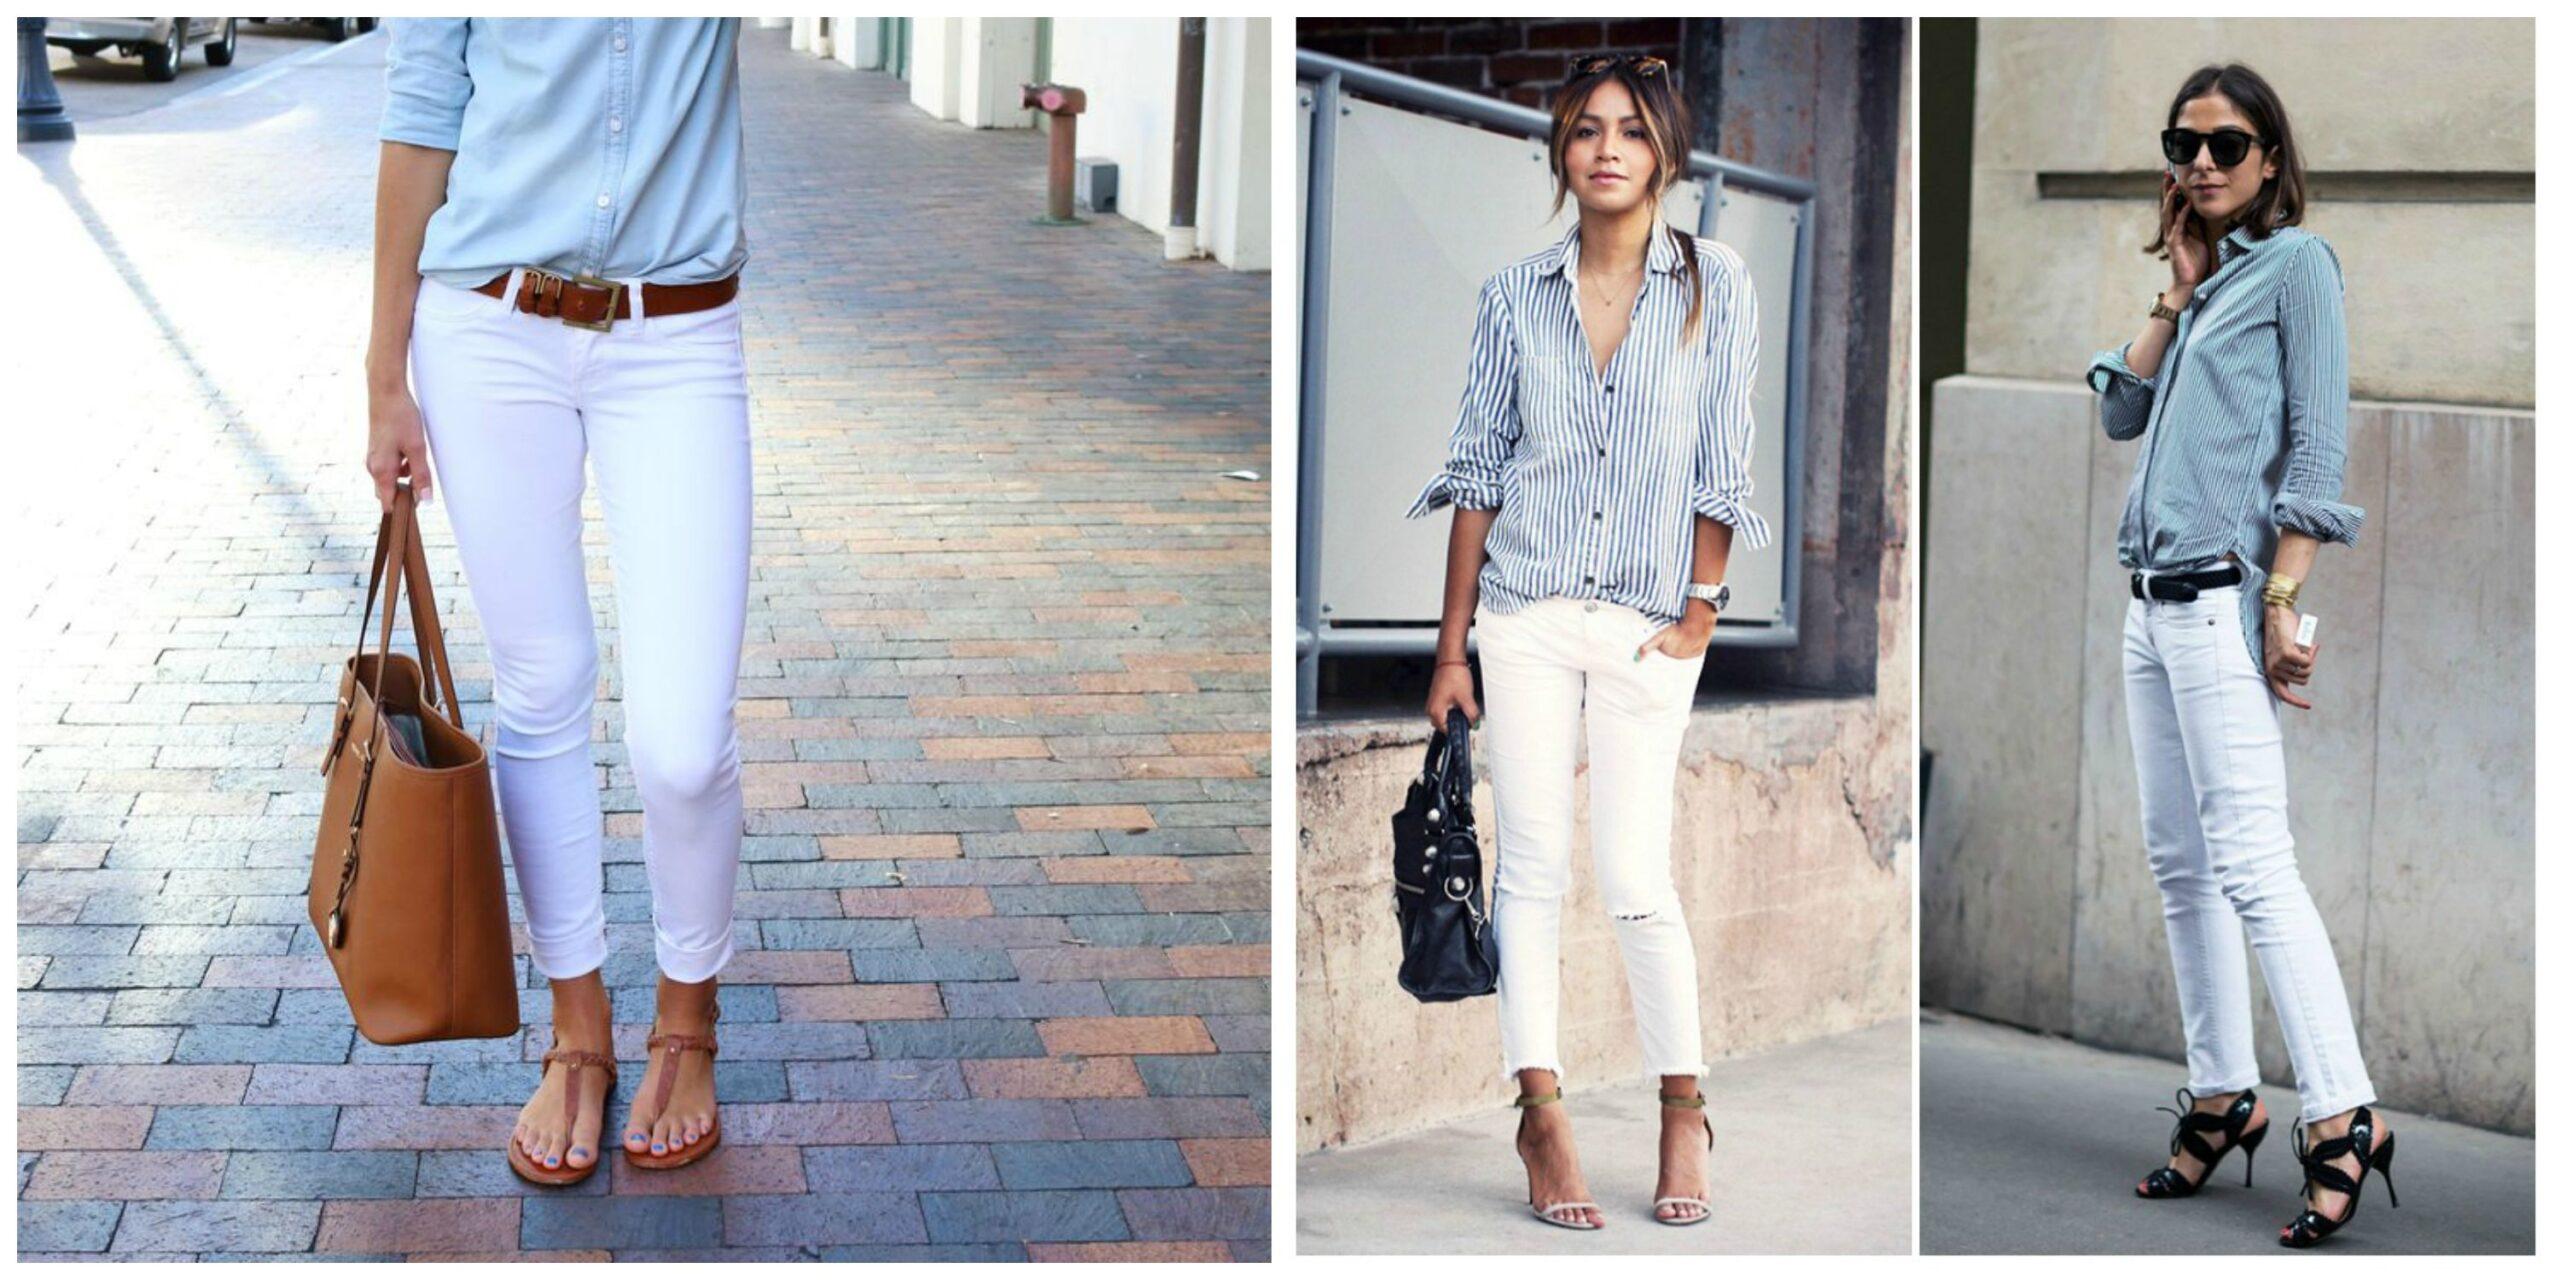 Come indossare i pantaloni bianchi senza sembrare grasse